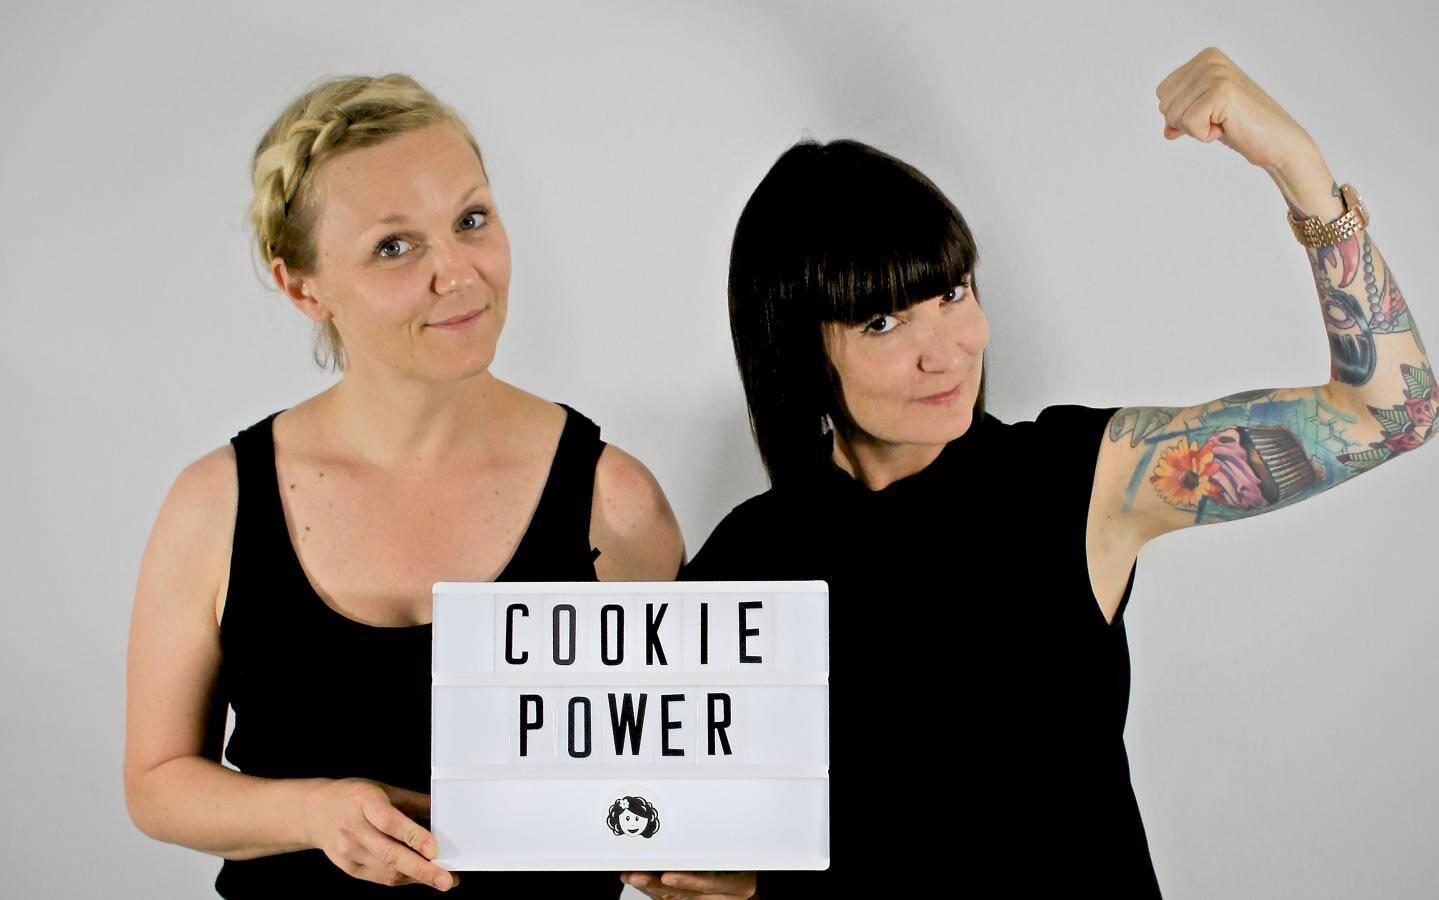 Les deux cofondatrices d'Emilie and the Cool Kids ont vendu des milliers de cookies à moins de 2 euros pour atteindre un chiffre d'affaires de 3 millions!